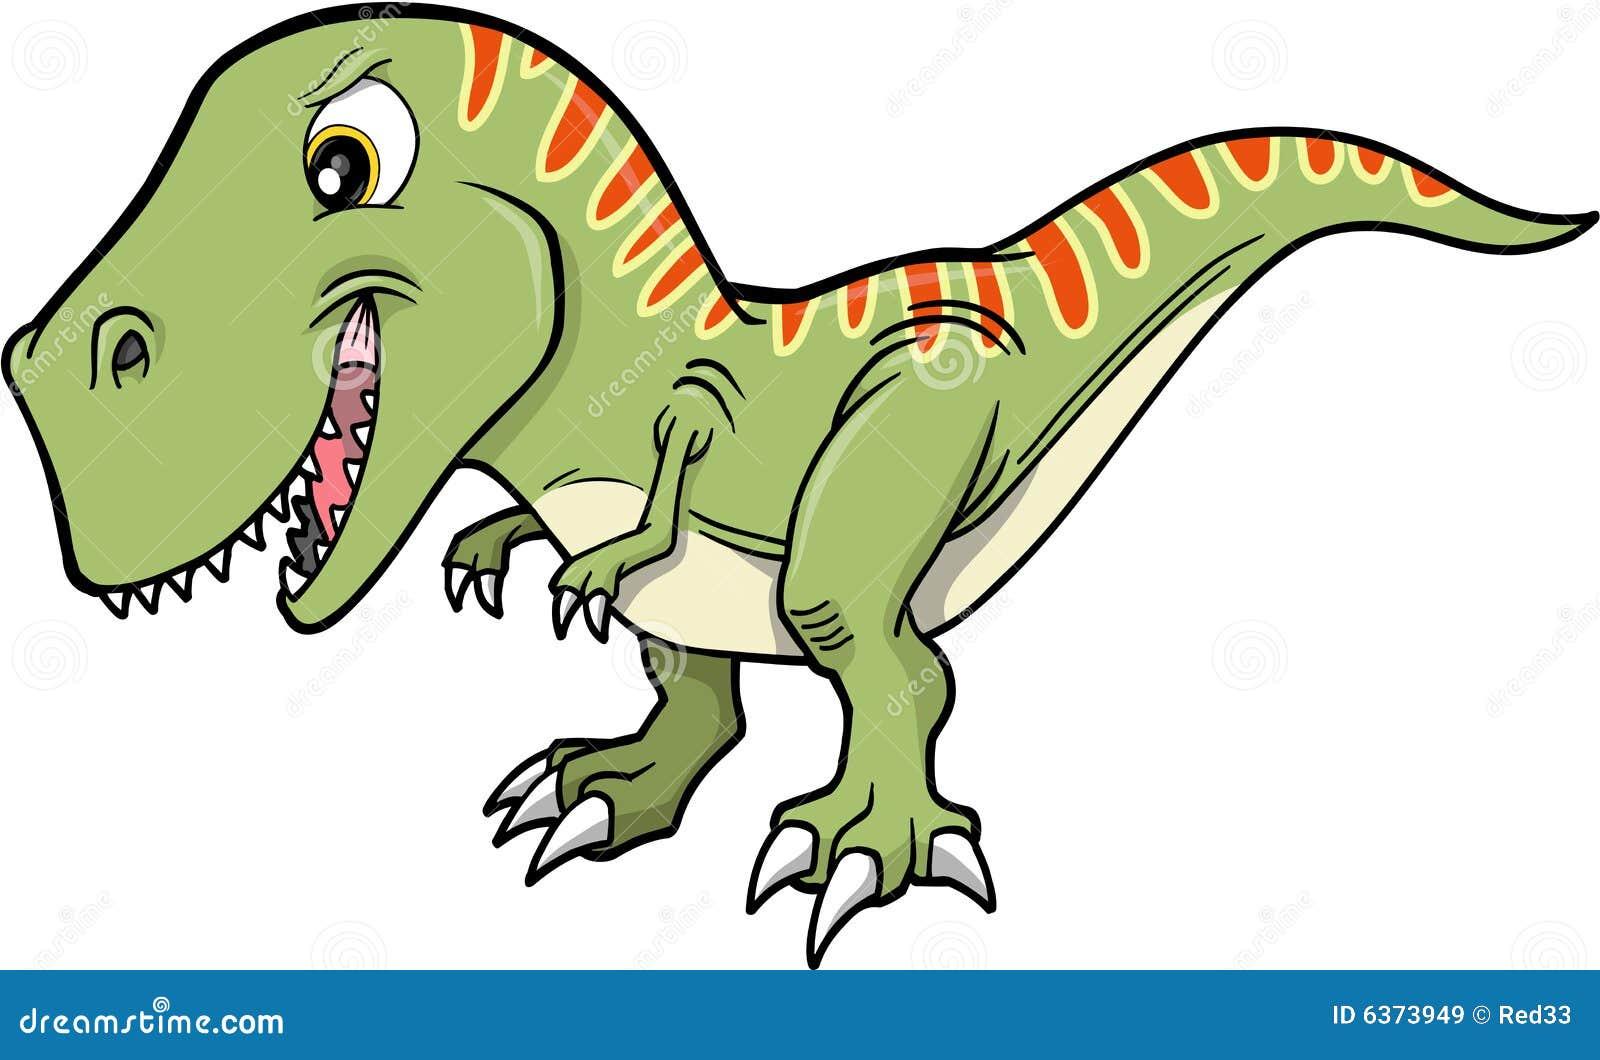 Rex Stock Illustrations – 5,607 Rex Stock Illustrations, Vectors ...